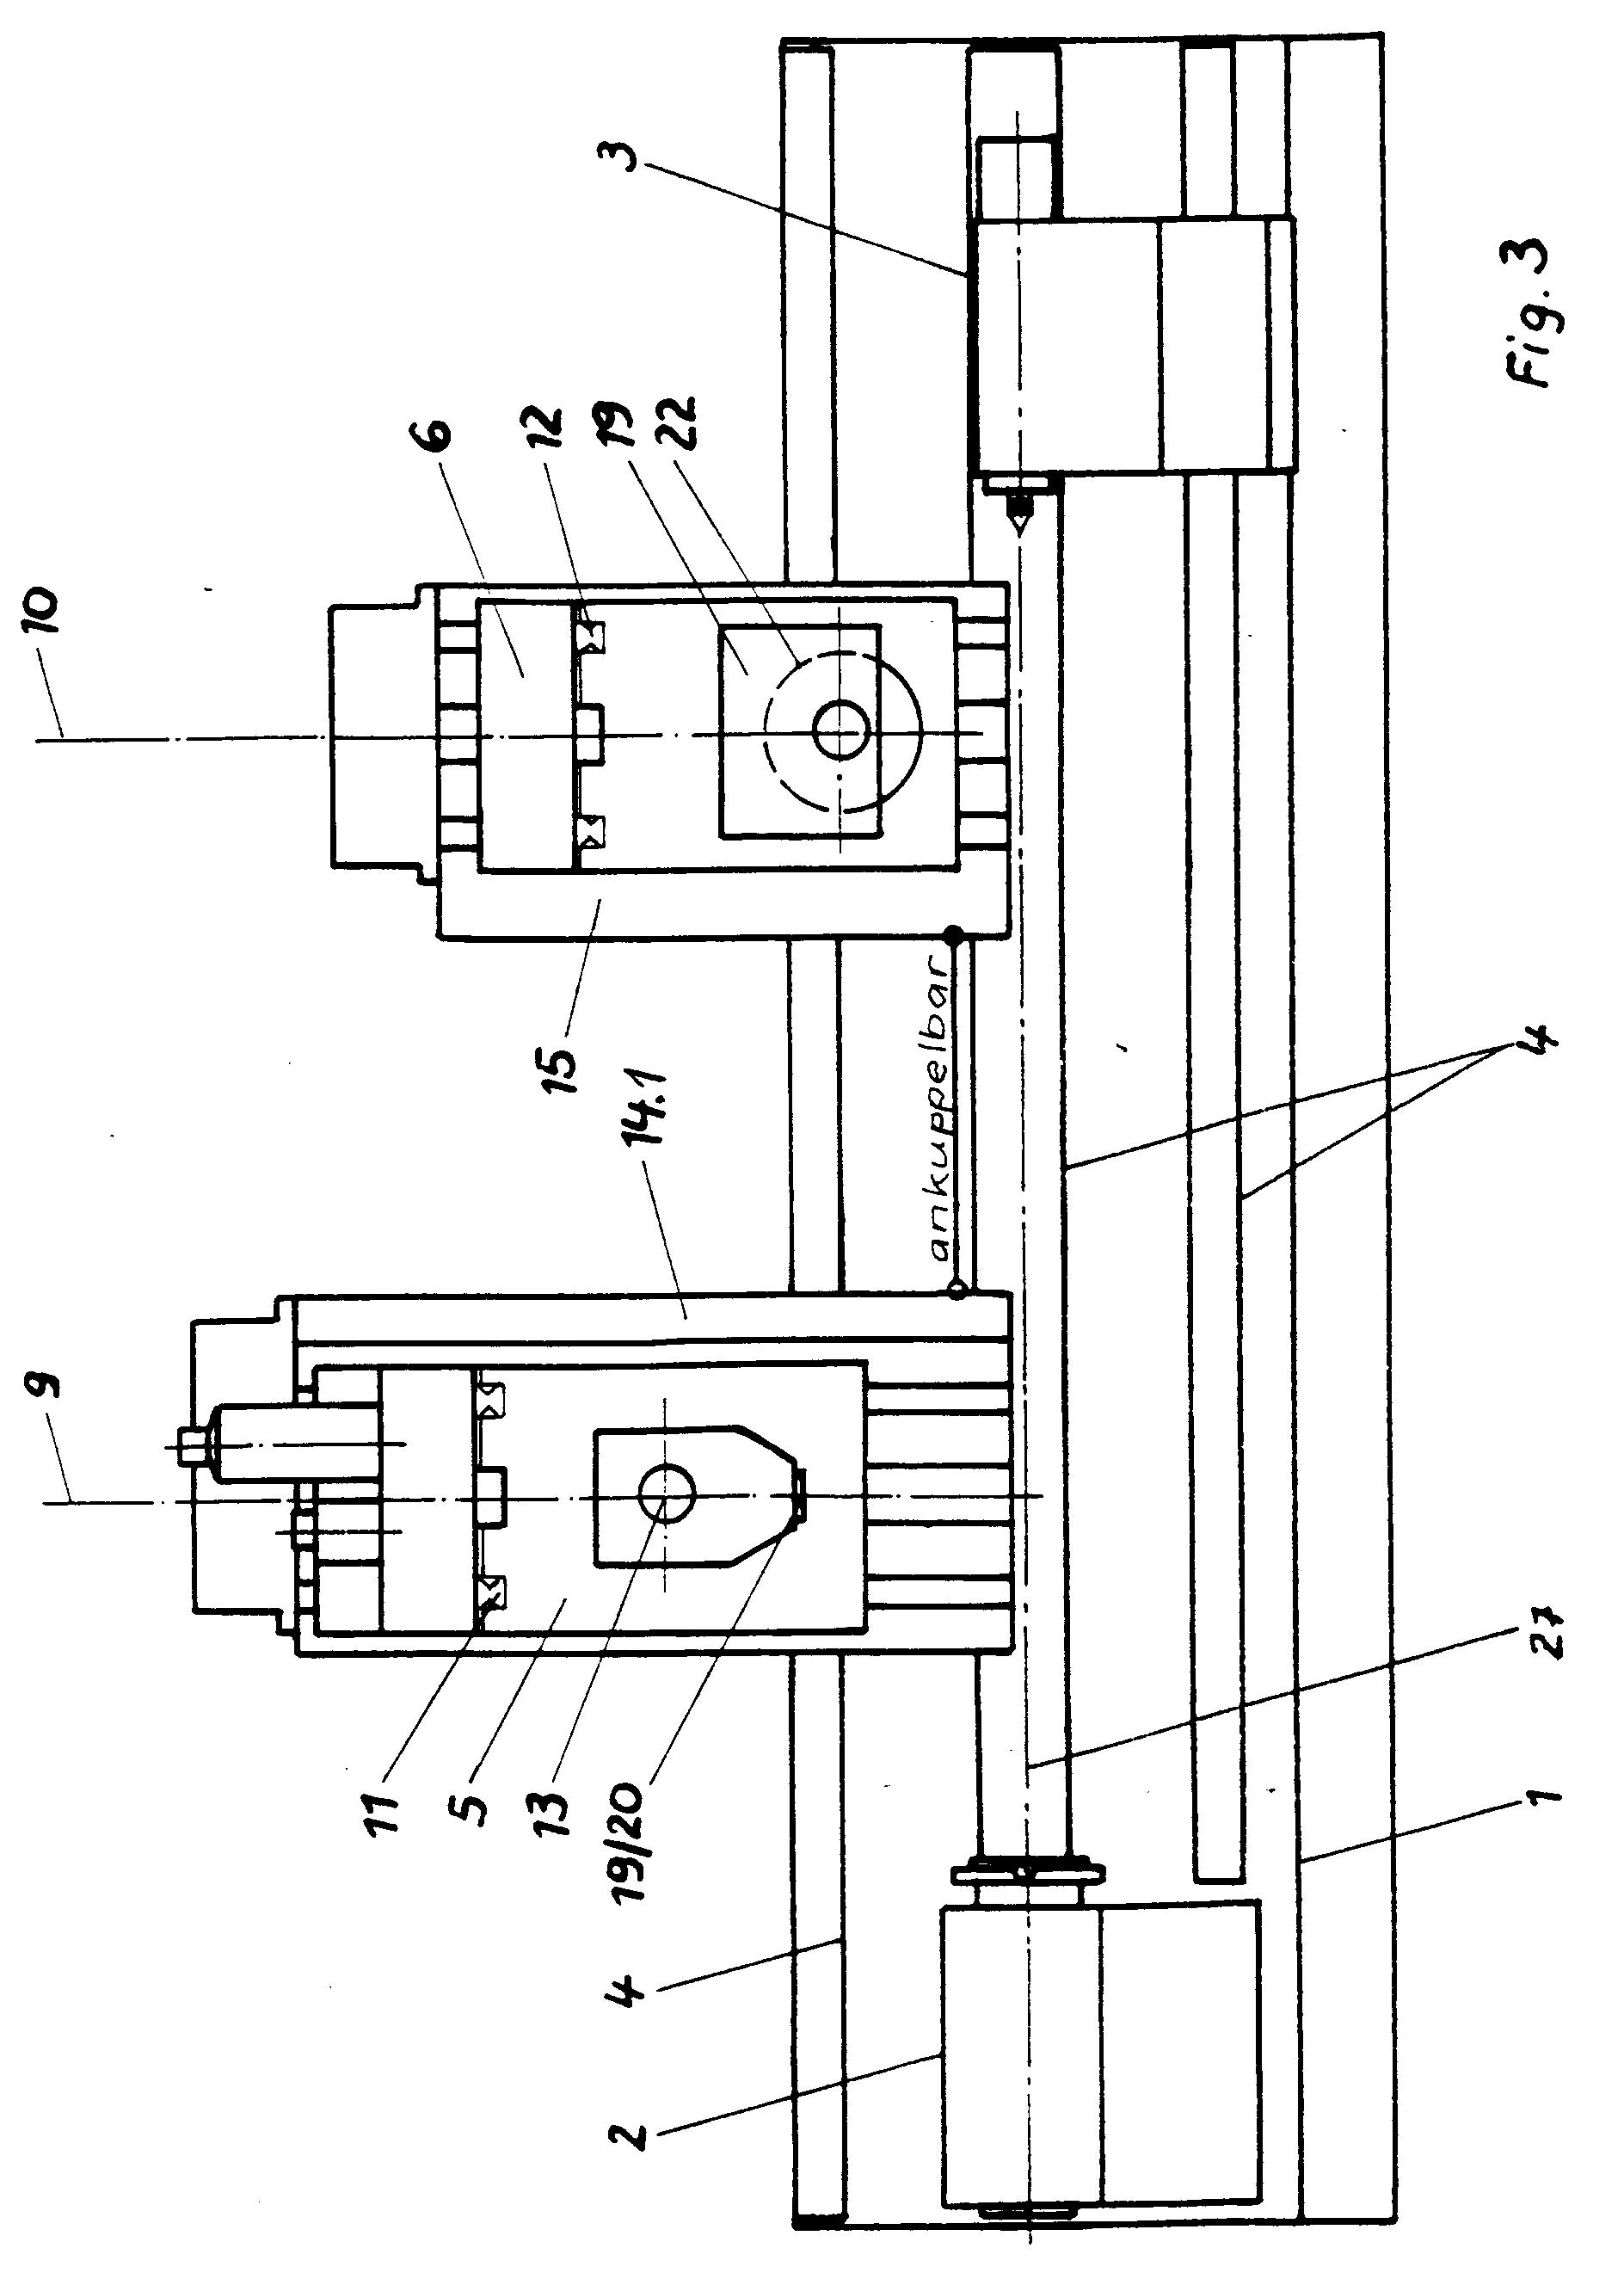 专利ep0882548a2 - cnc